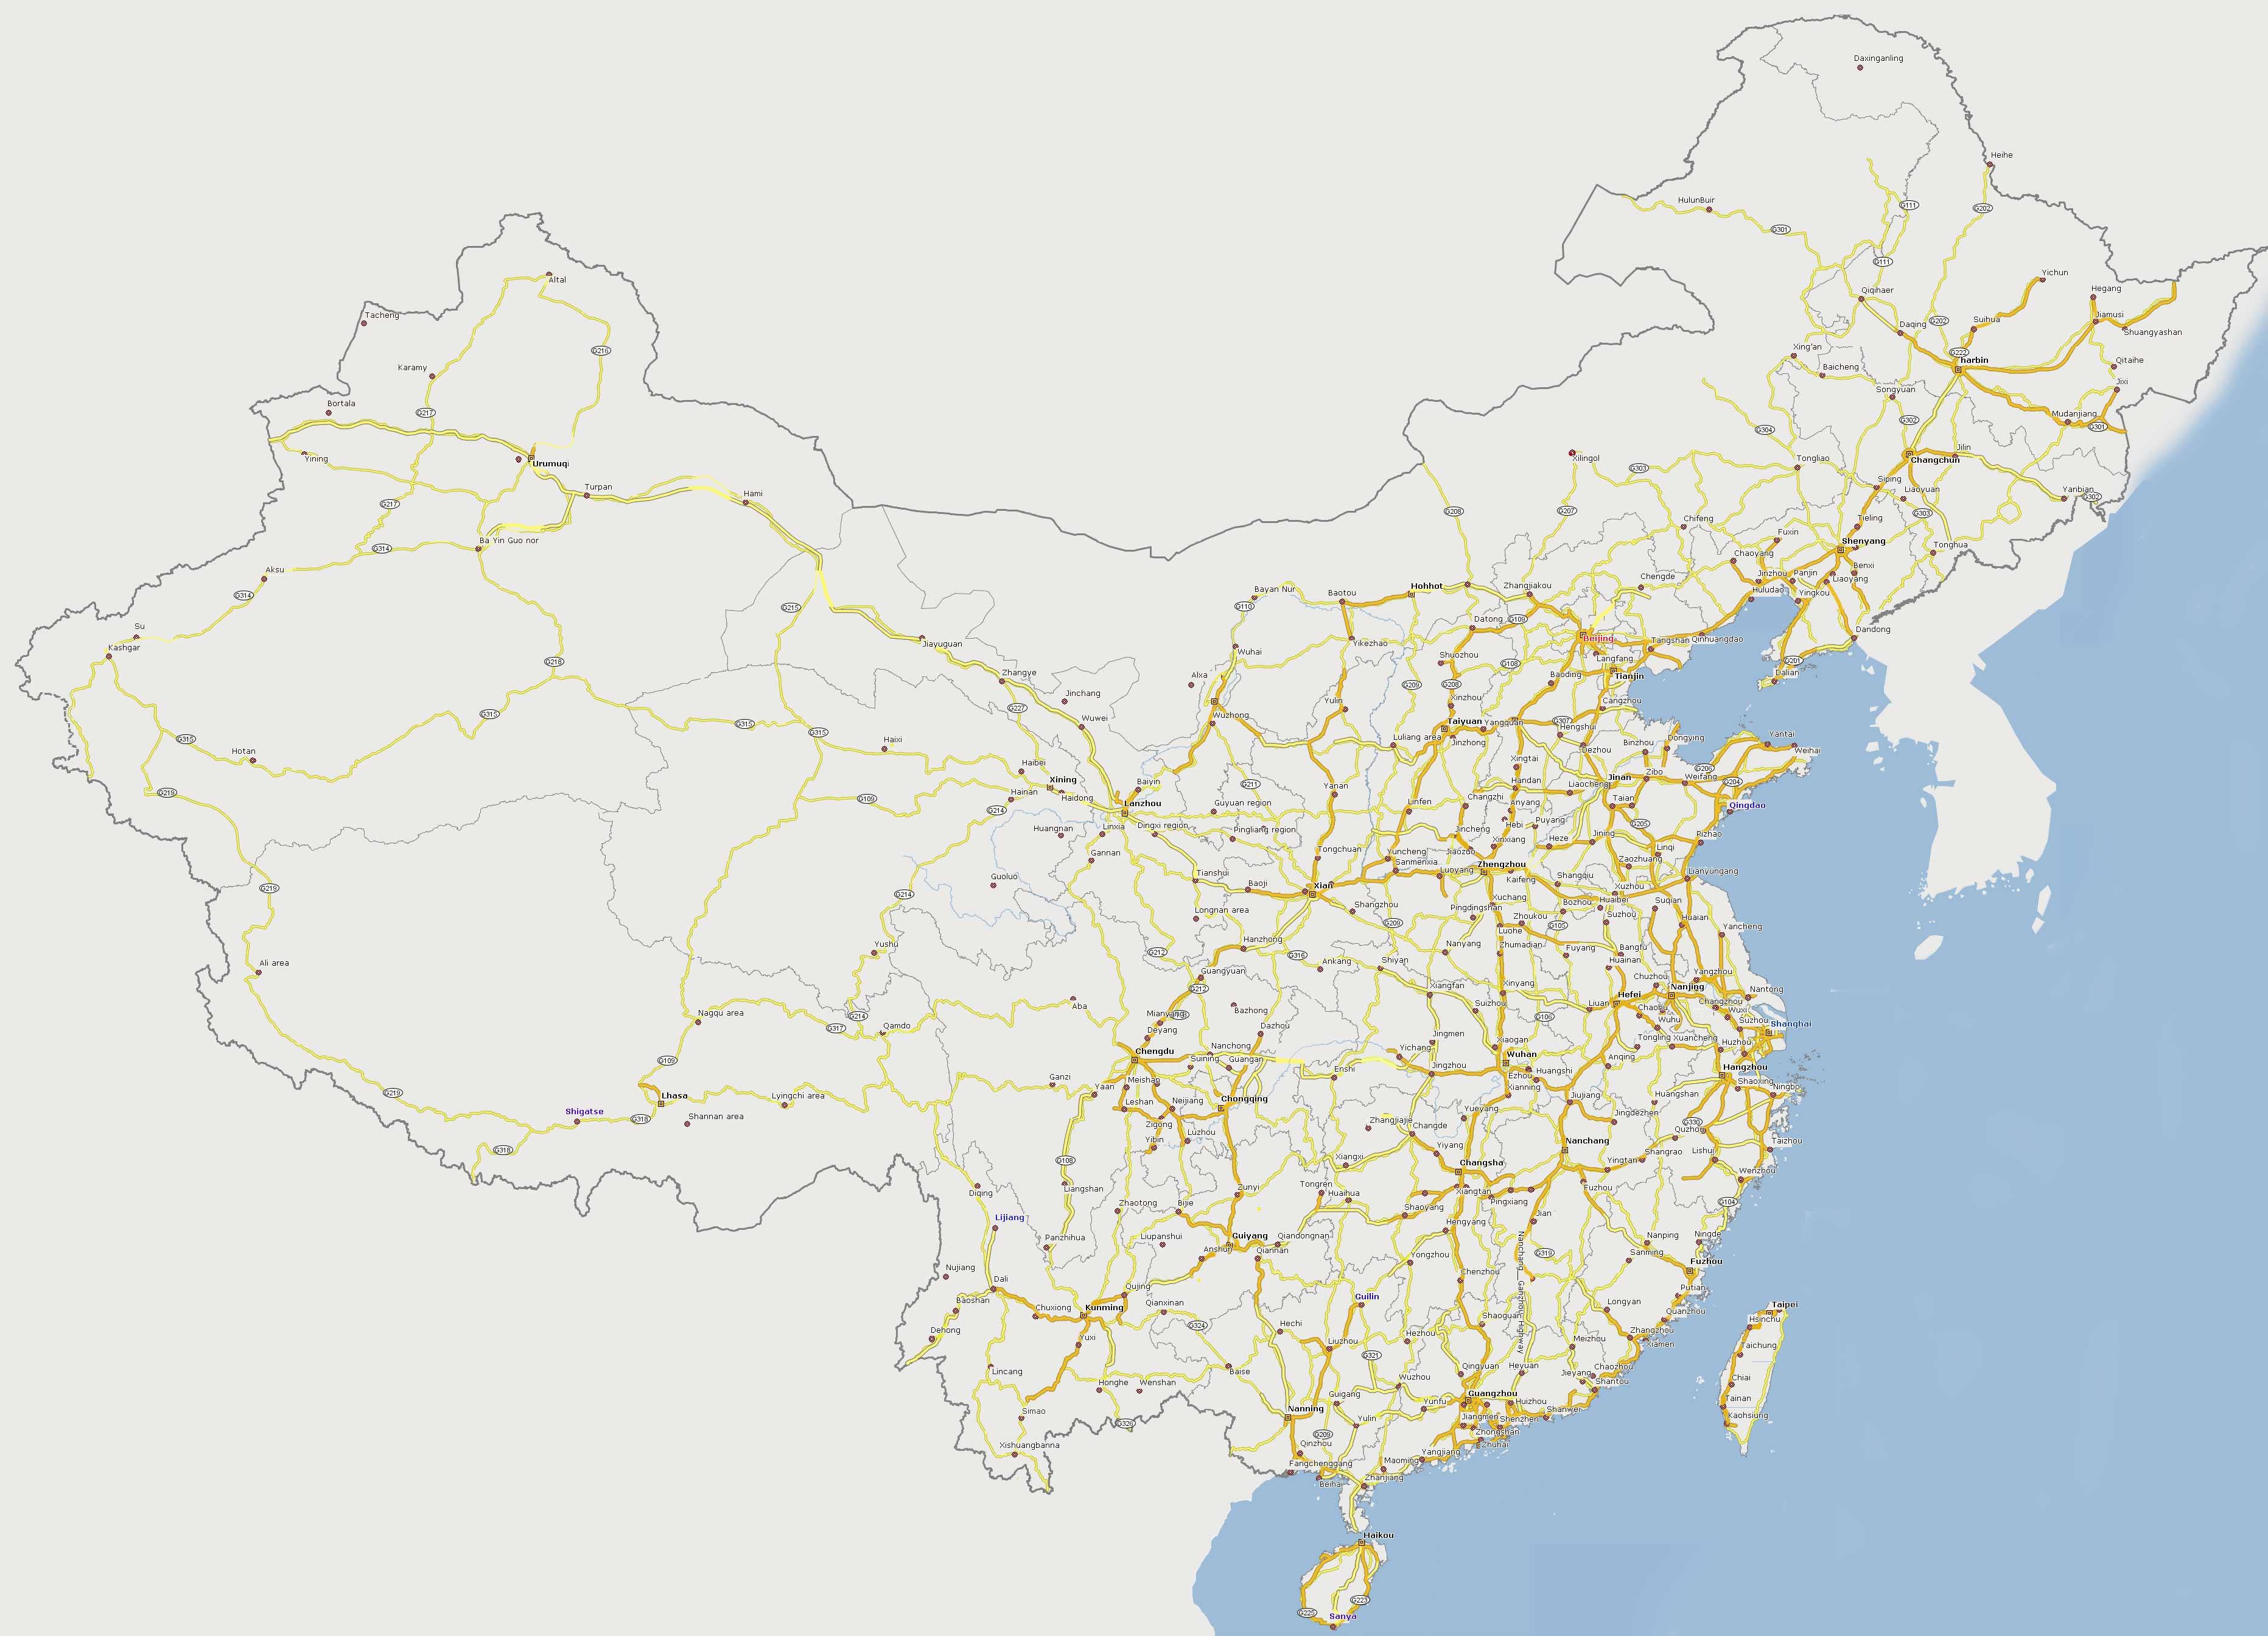 Carte Routiere Chine.Carte Routiere Chine Carte Routiere De La Chine